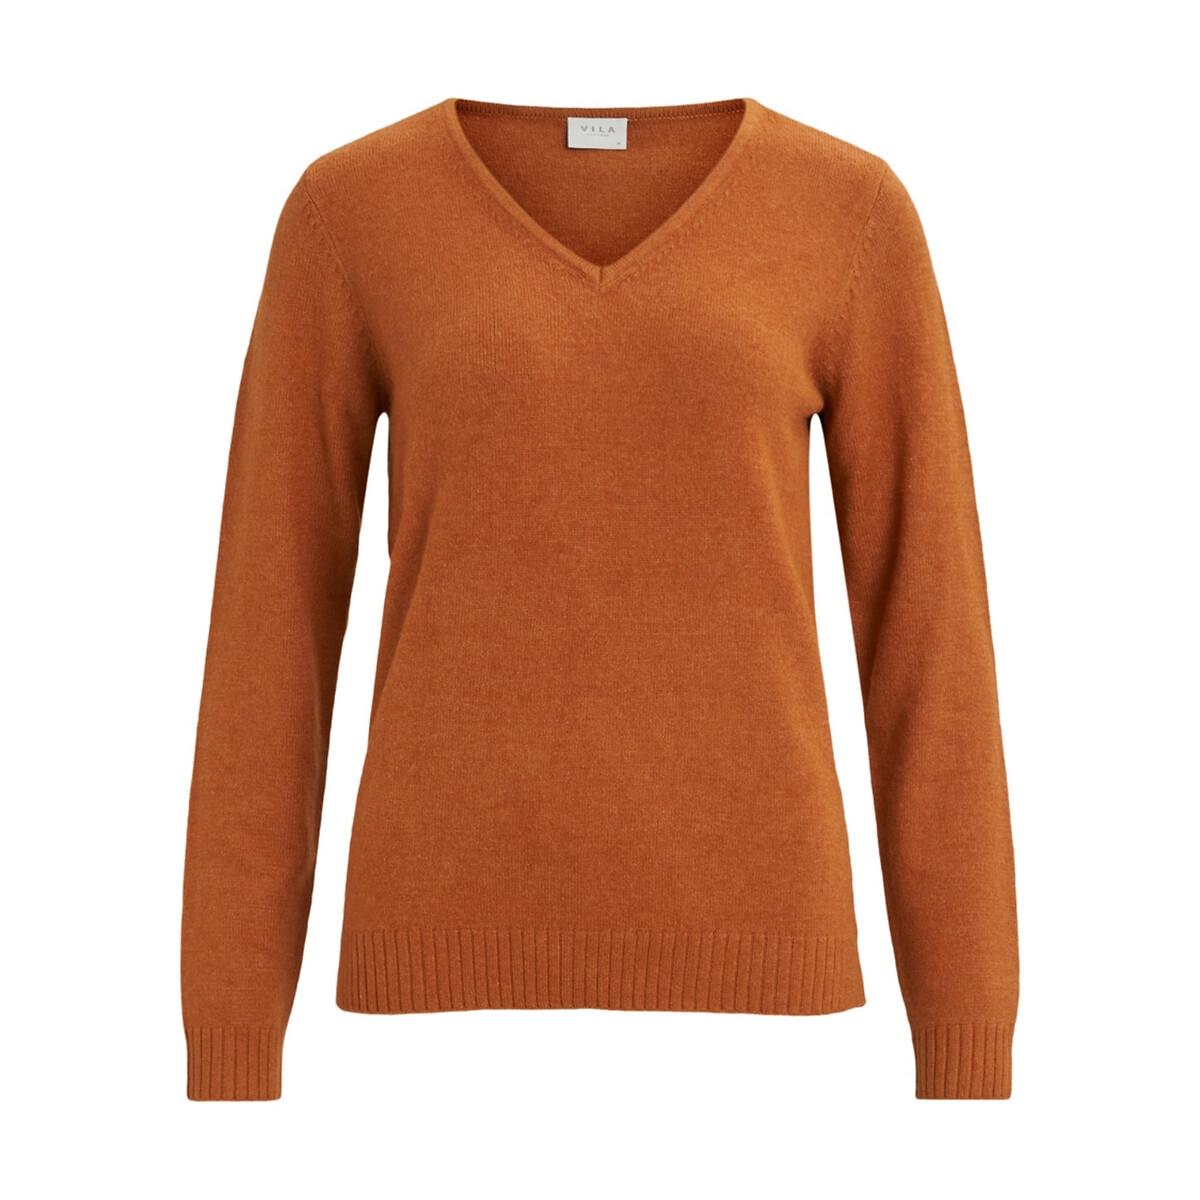 Фото - Пуловер La Redoute С V-образным вырезом из тонкого трикотажа XS каштановый пуловер la redoute с v образным вырезом из тонкого трикотажа florestine 2 m серый